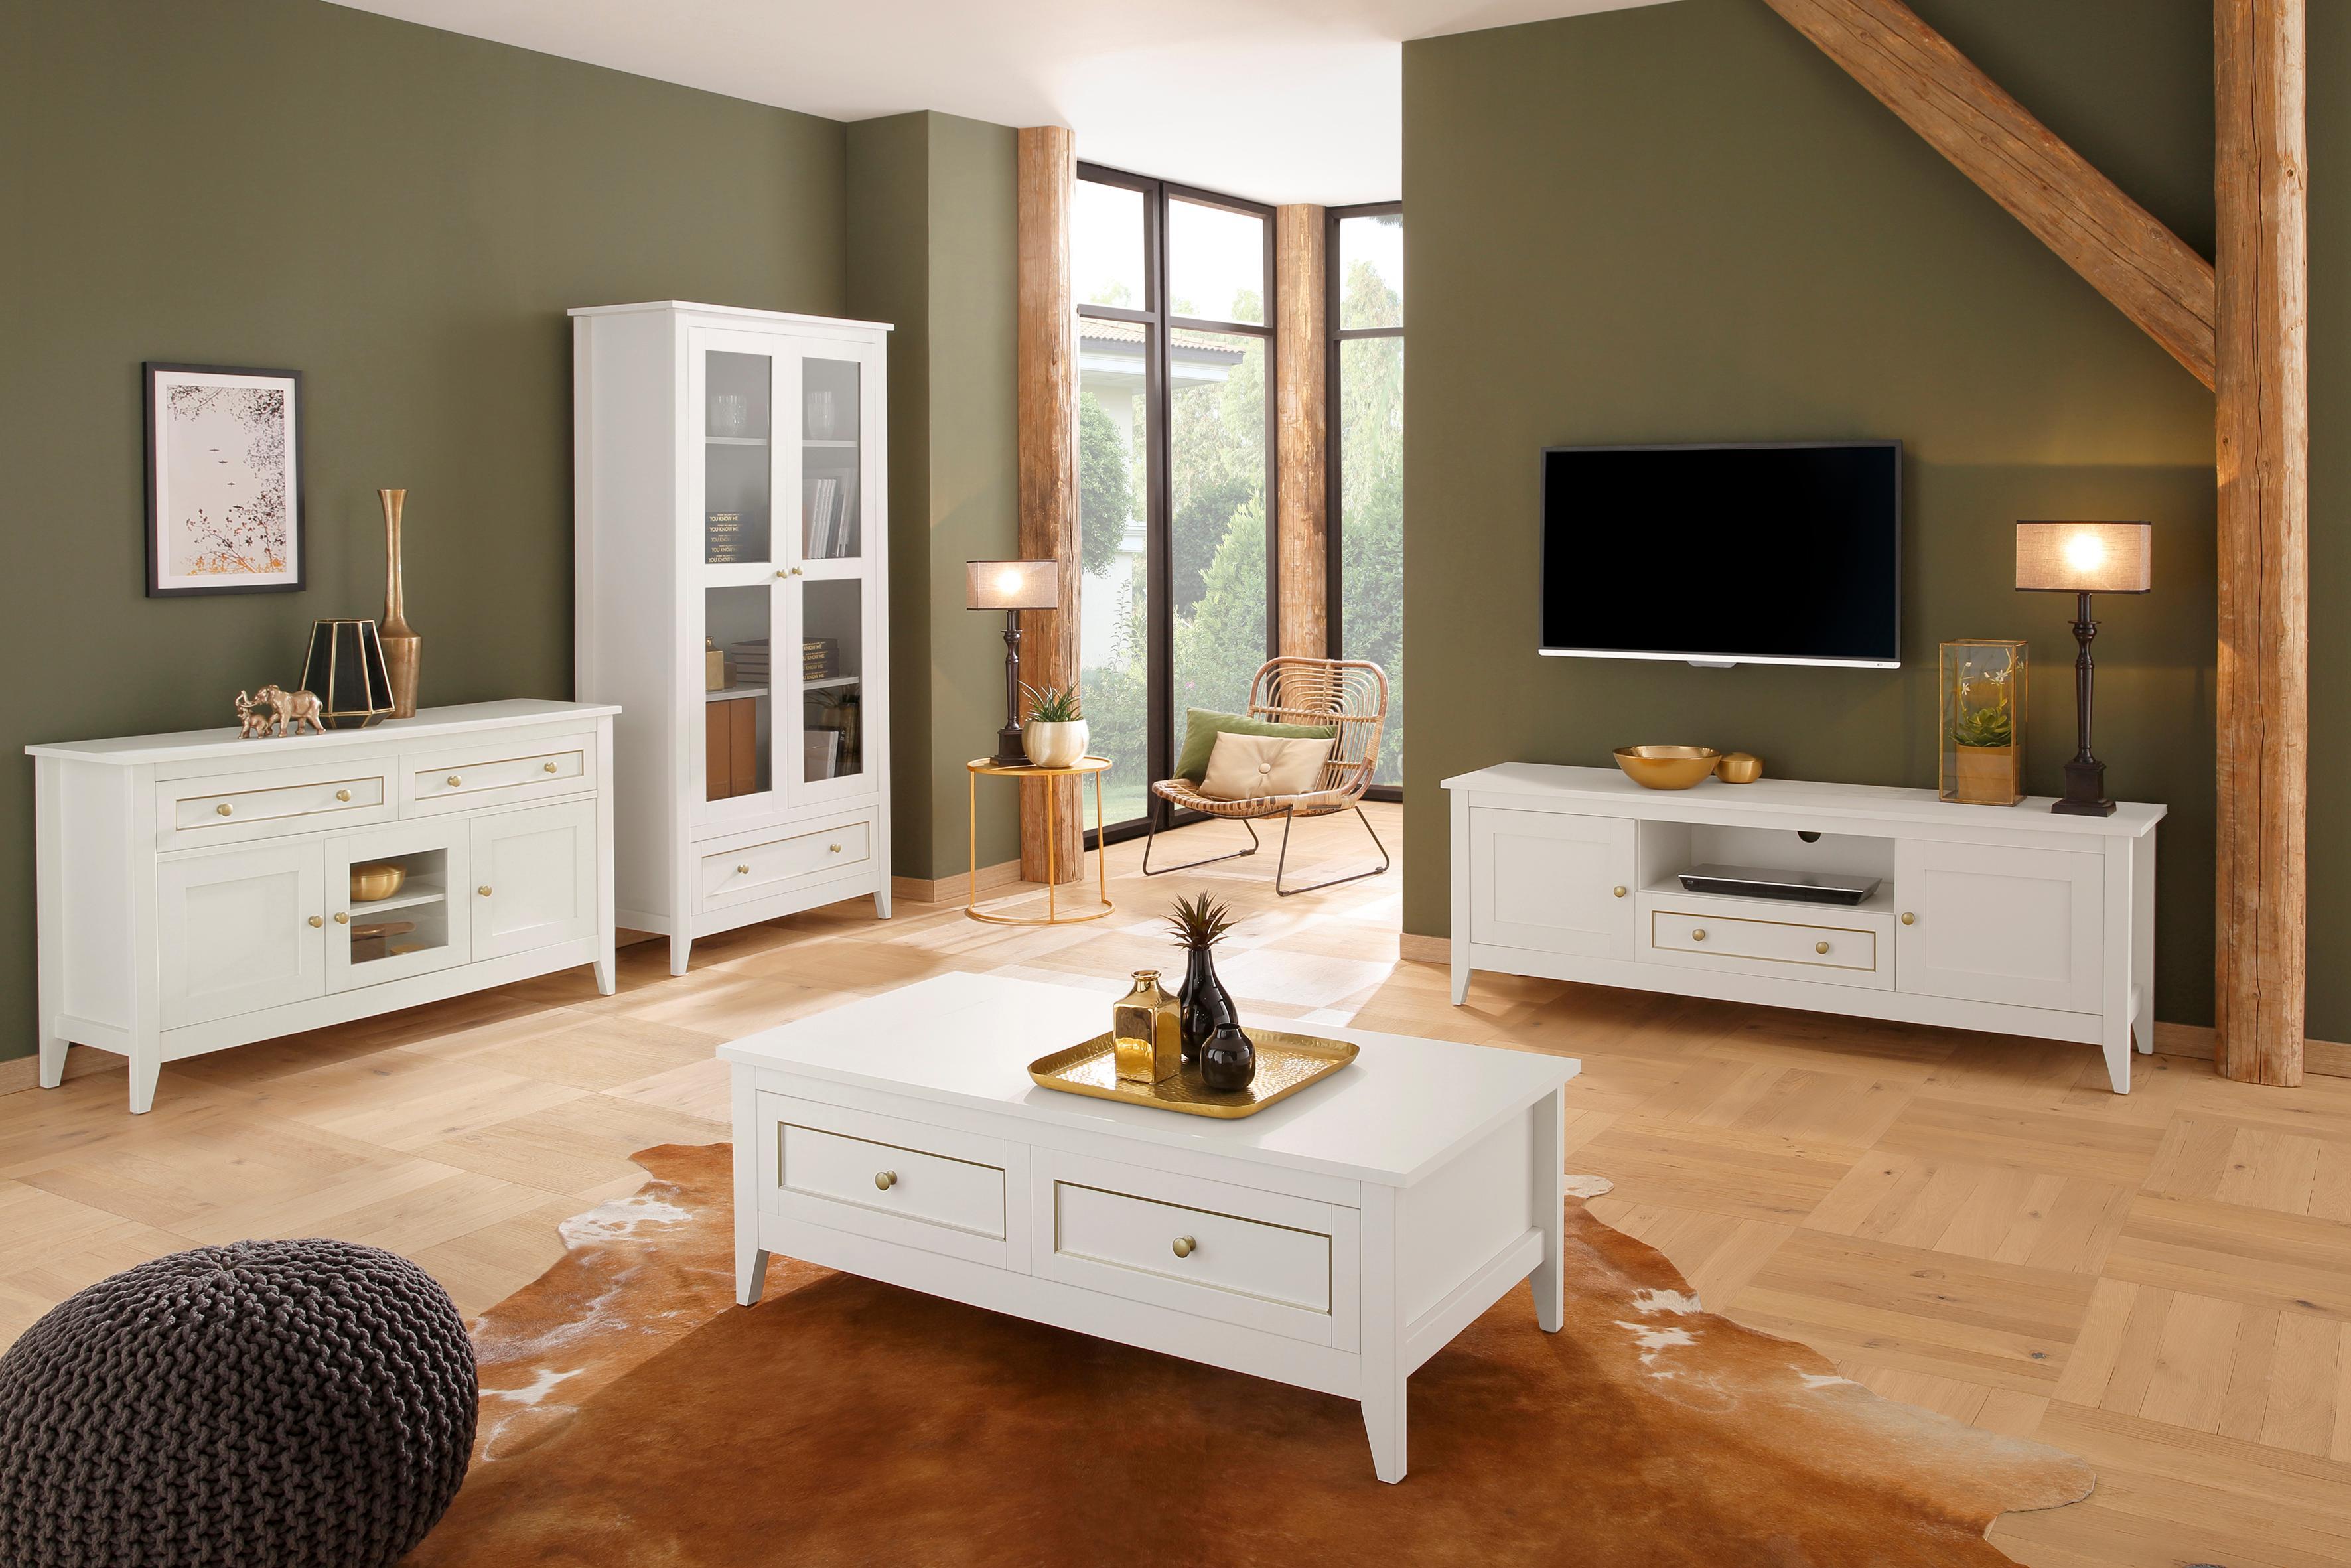 Home affaire Sideboard Victoria 2 Schubladen mit goldener Umrandung und 3 Türen mit Messinggriffe Breite 131 cm